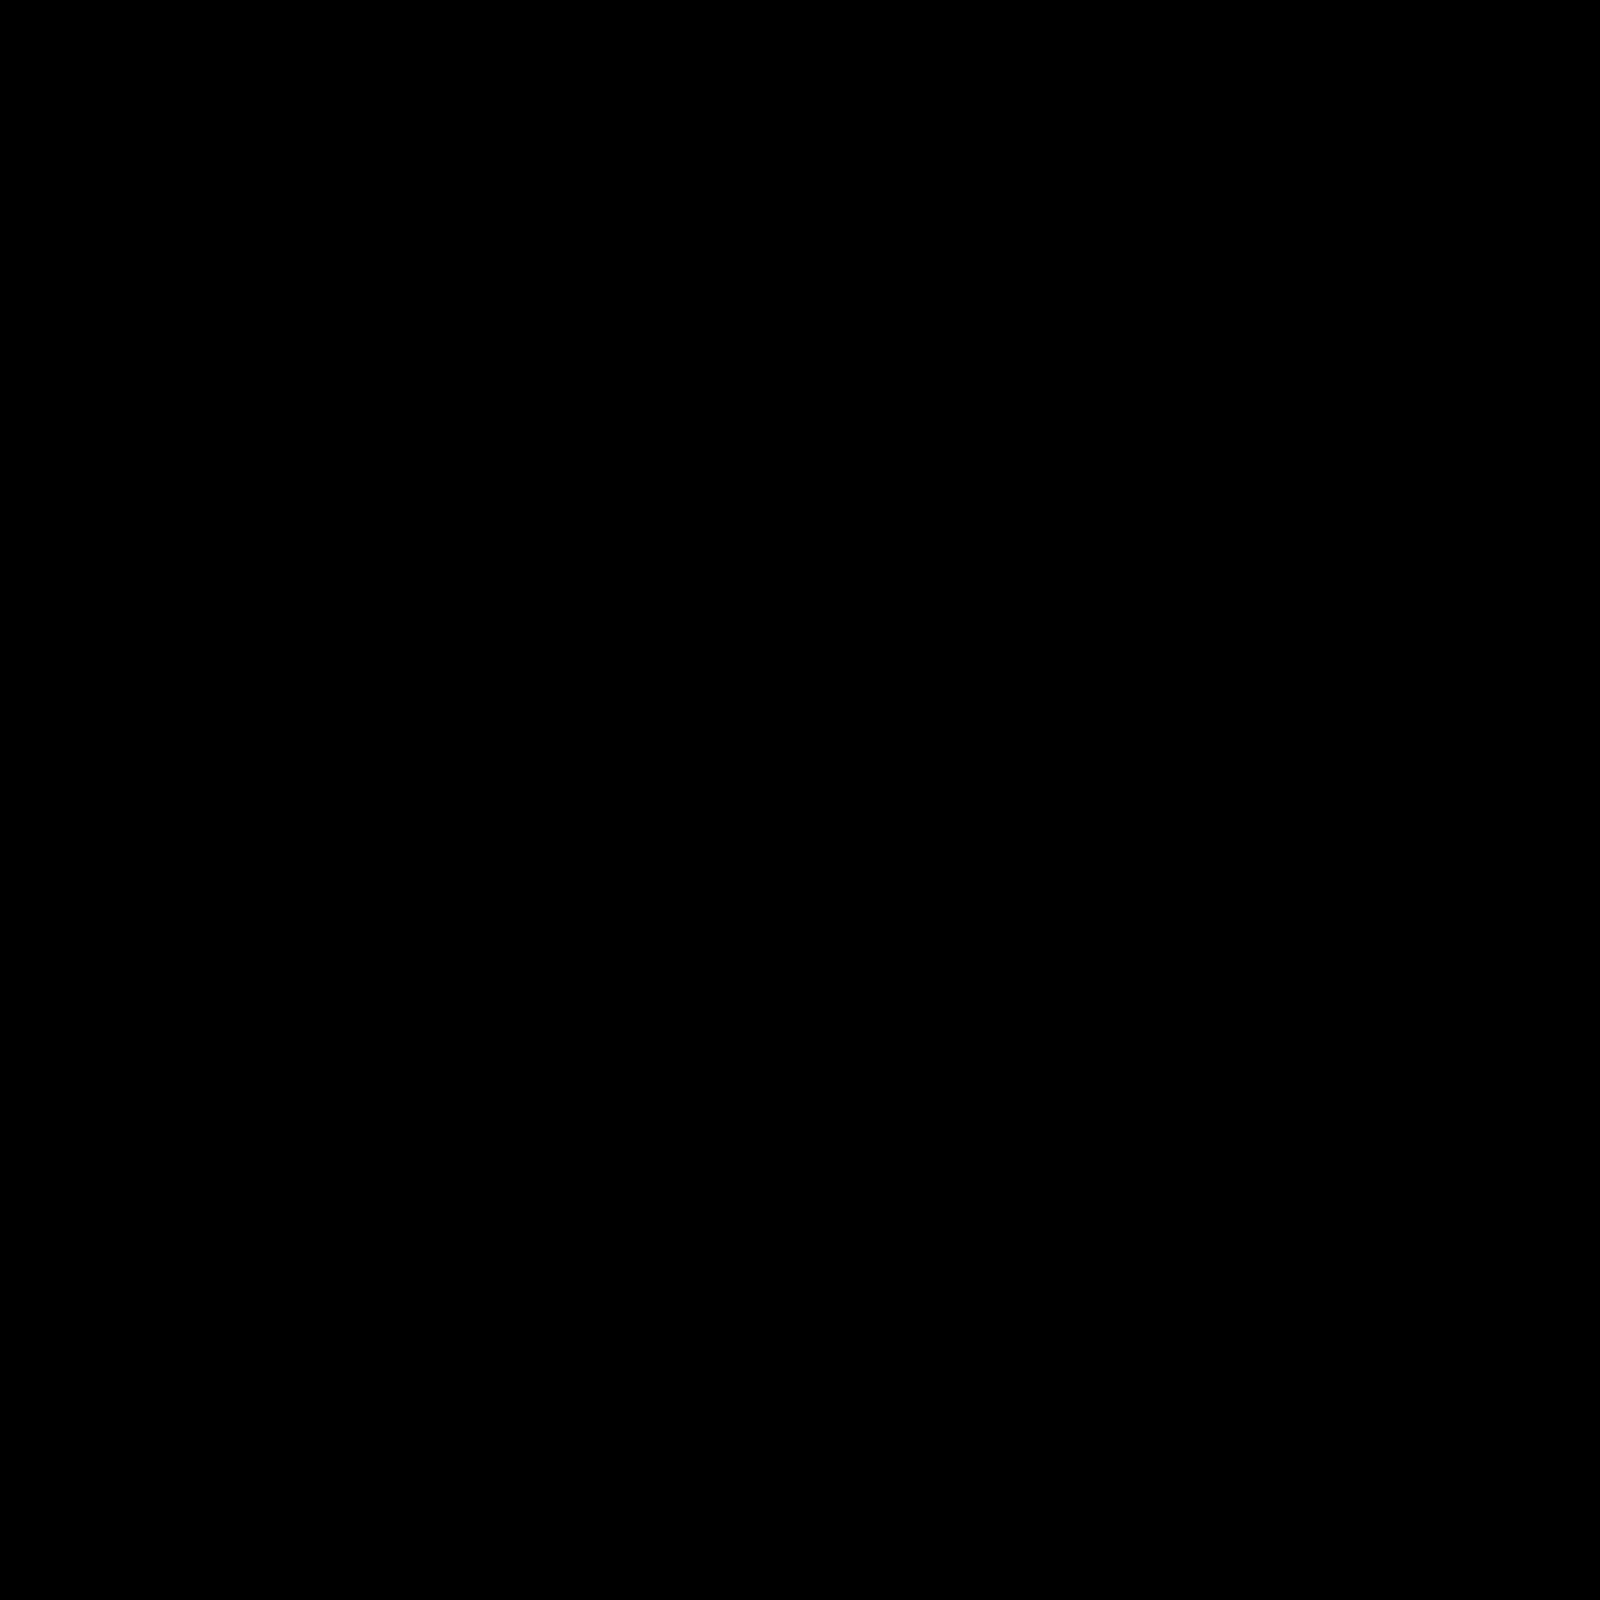 Hiragana Mo icon